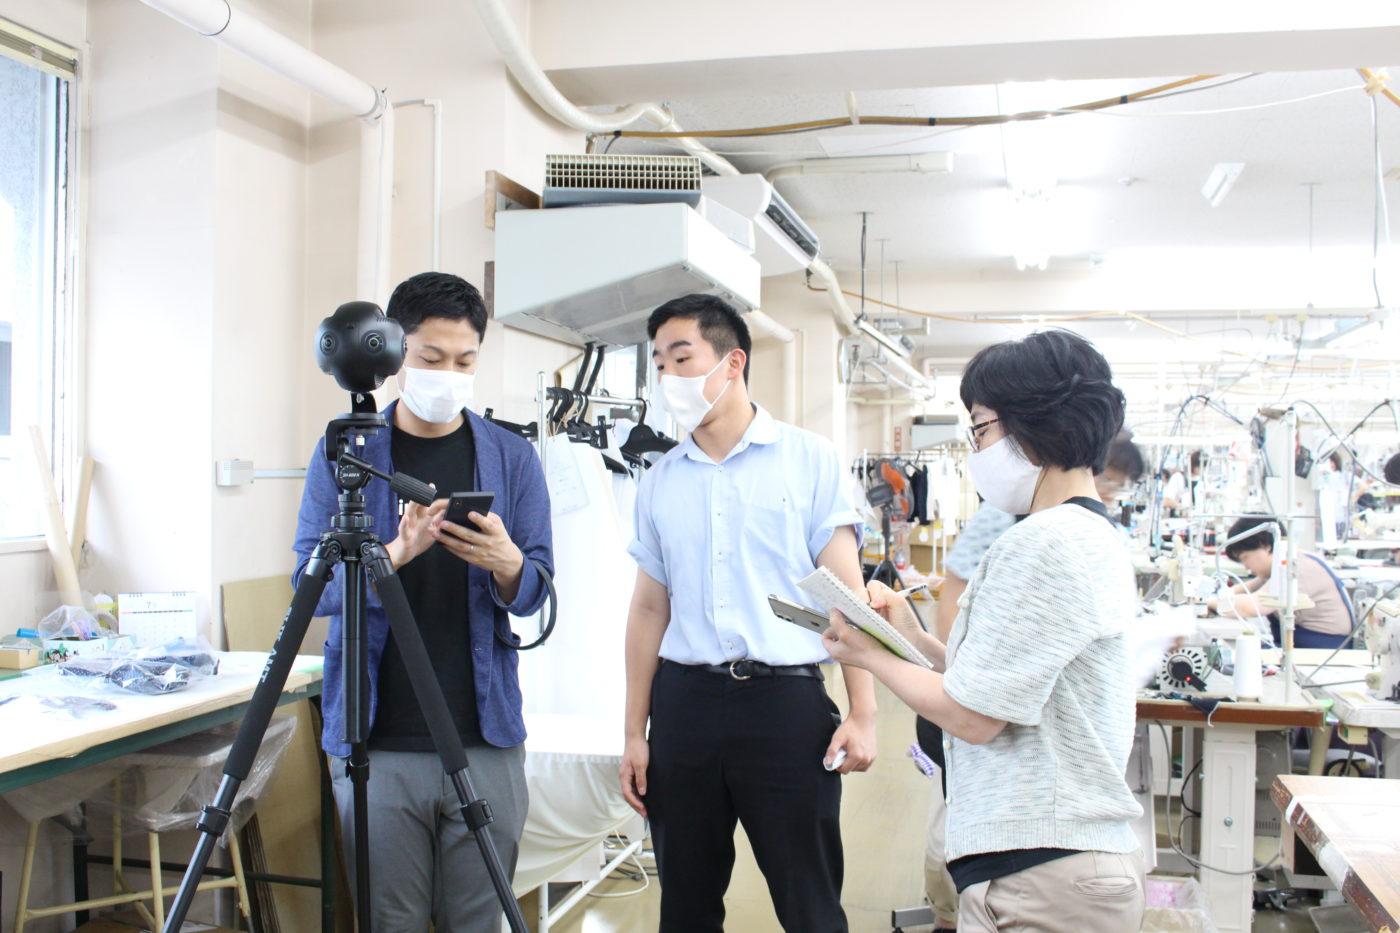 五泉高校生とニット工場で撮影7